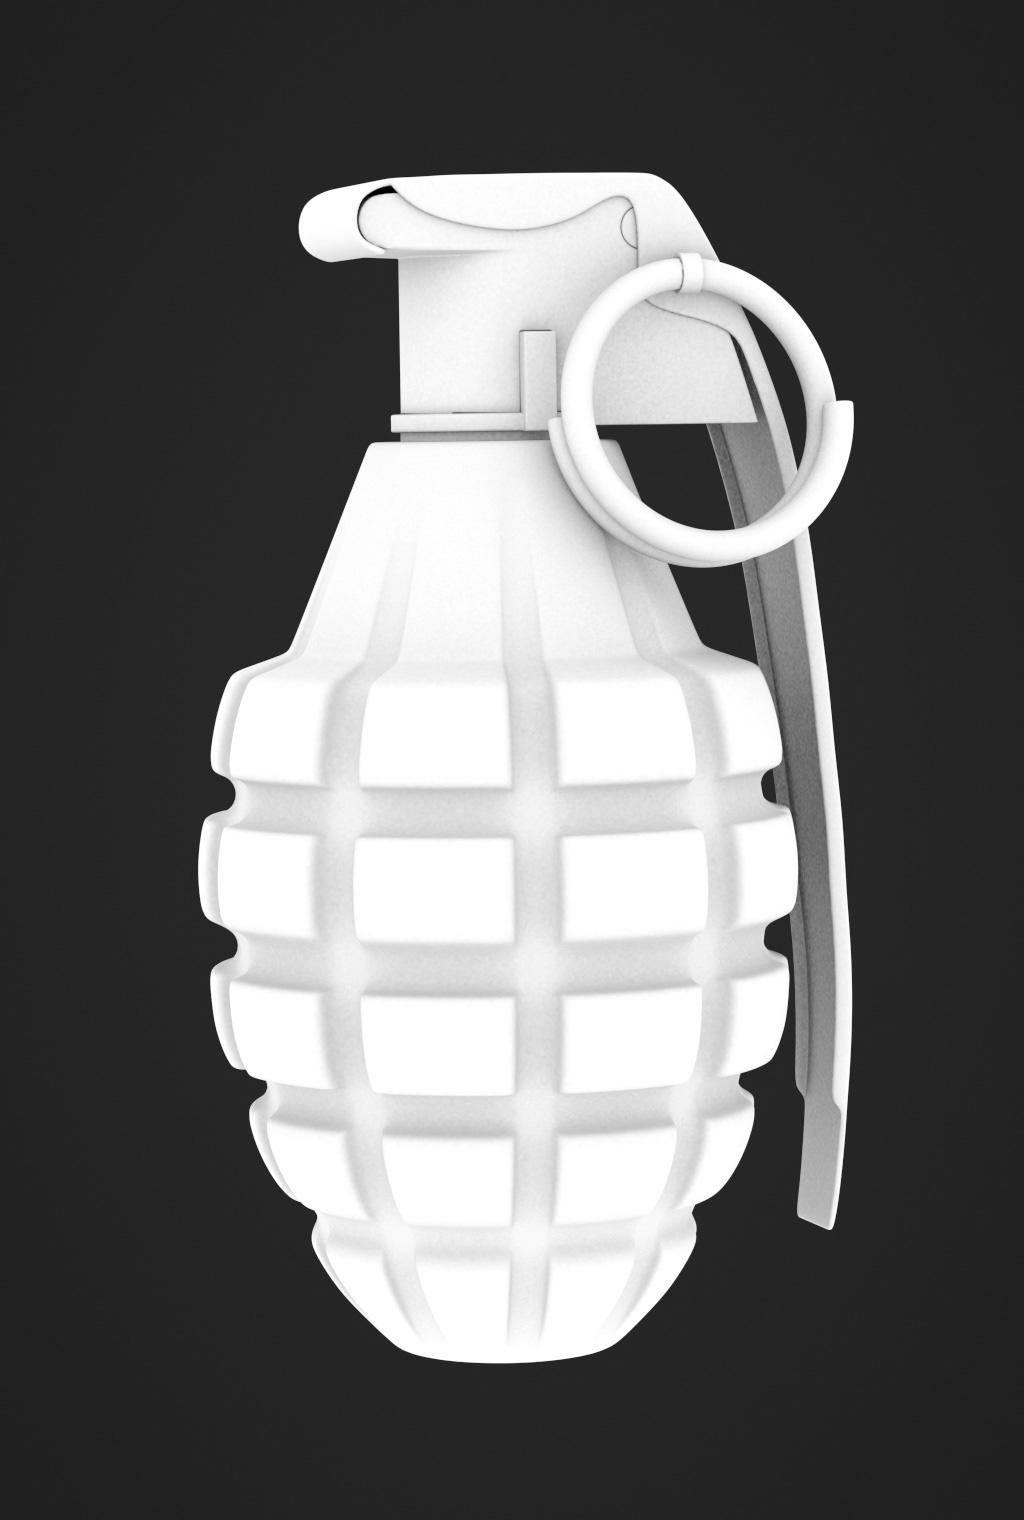 grenade-2